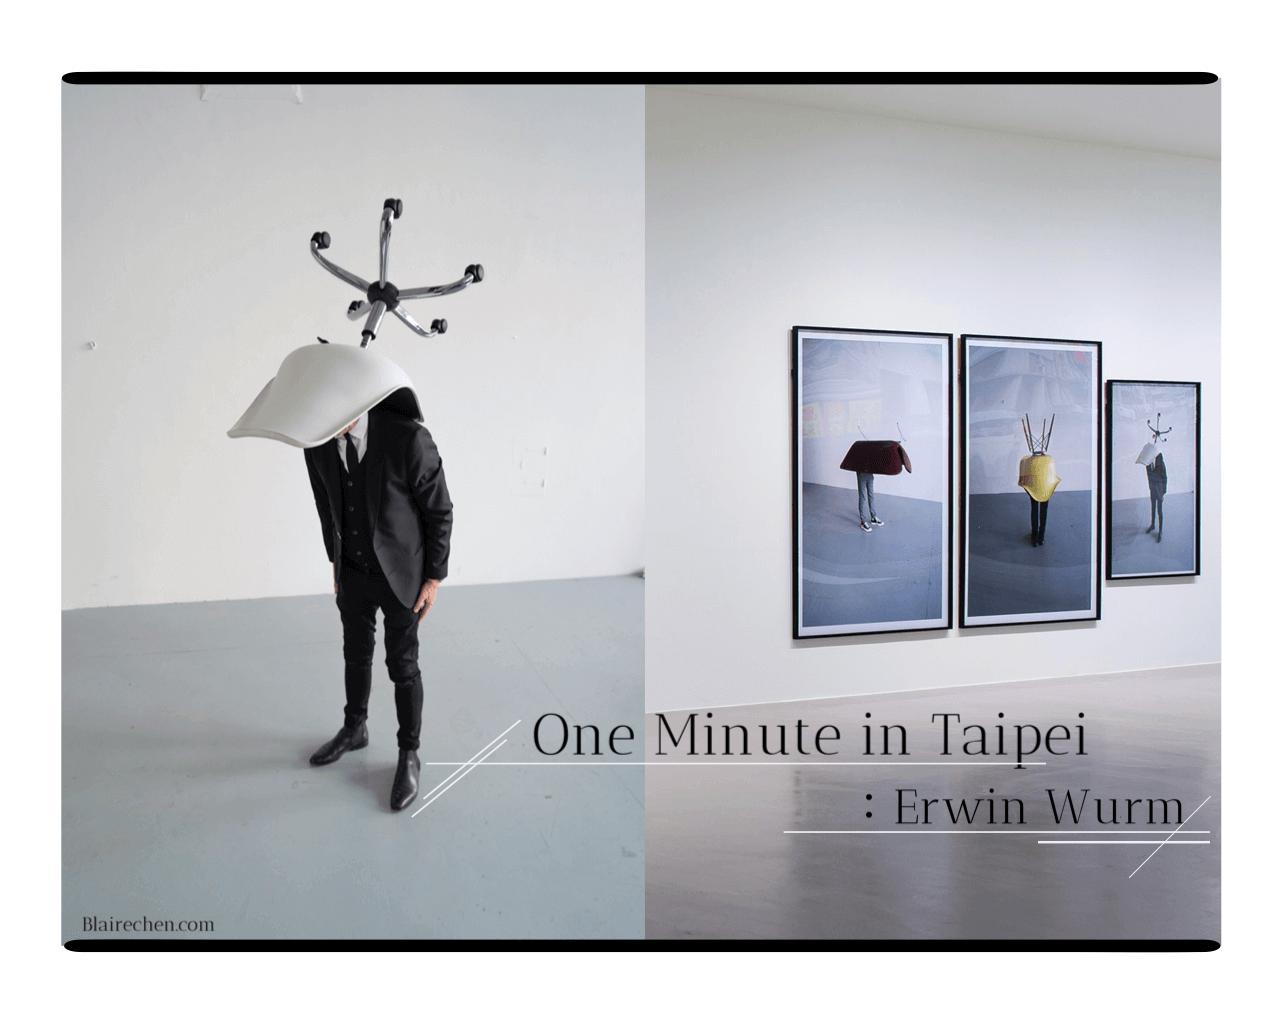 【一分鐘台北:歐文.沃姆個展】|從雕塑中創造表演性的生活互動,挑戰藝術,必須朝聖!